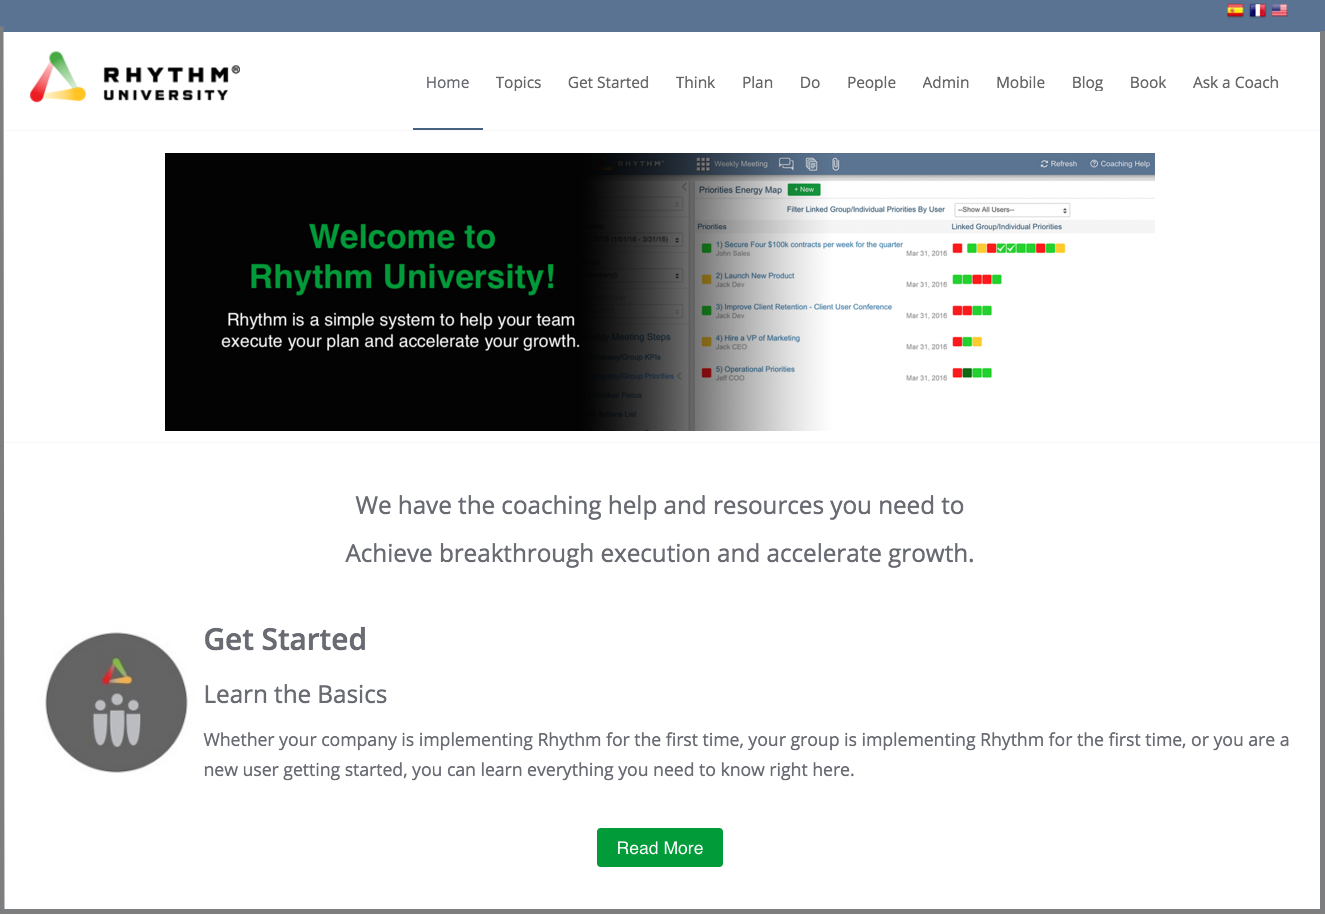 Rhythm University